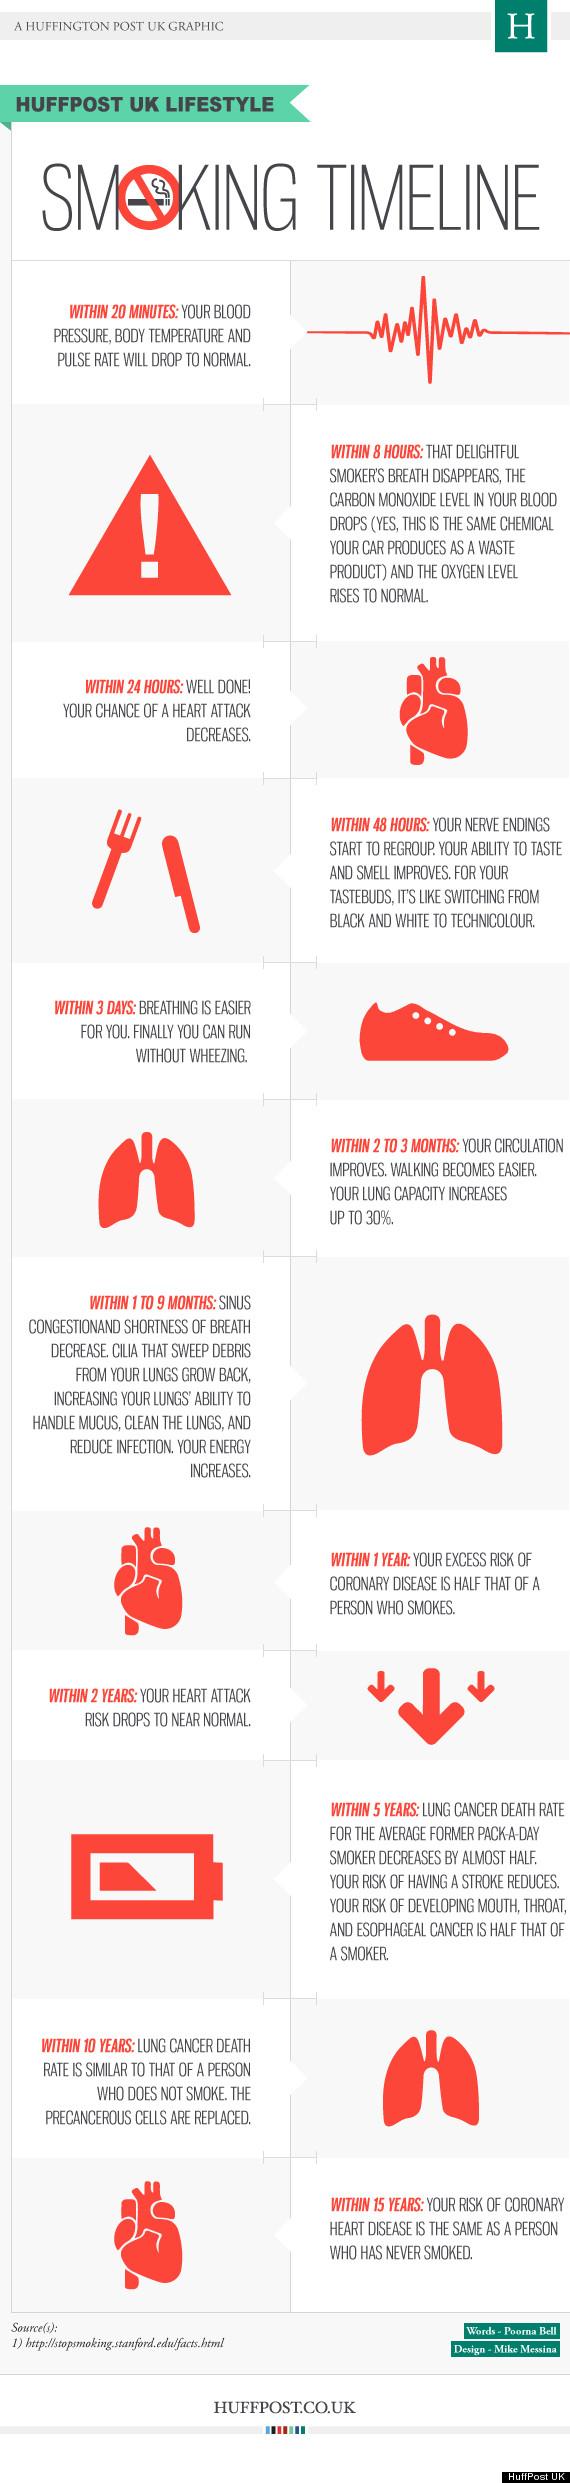 Smoking Timeline